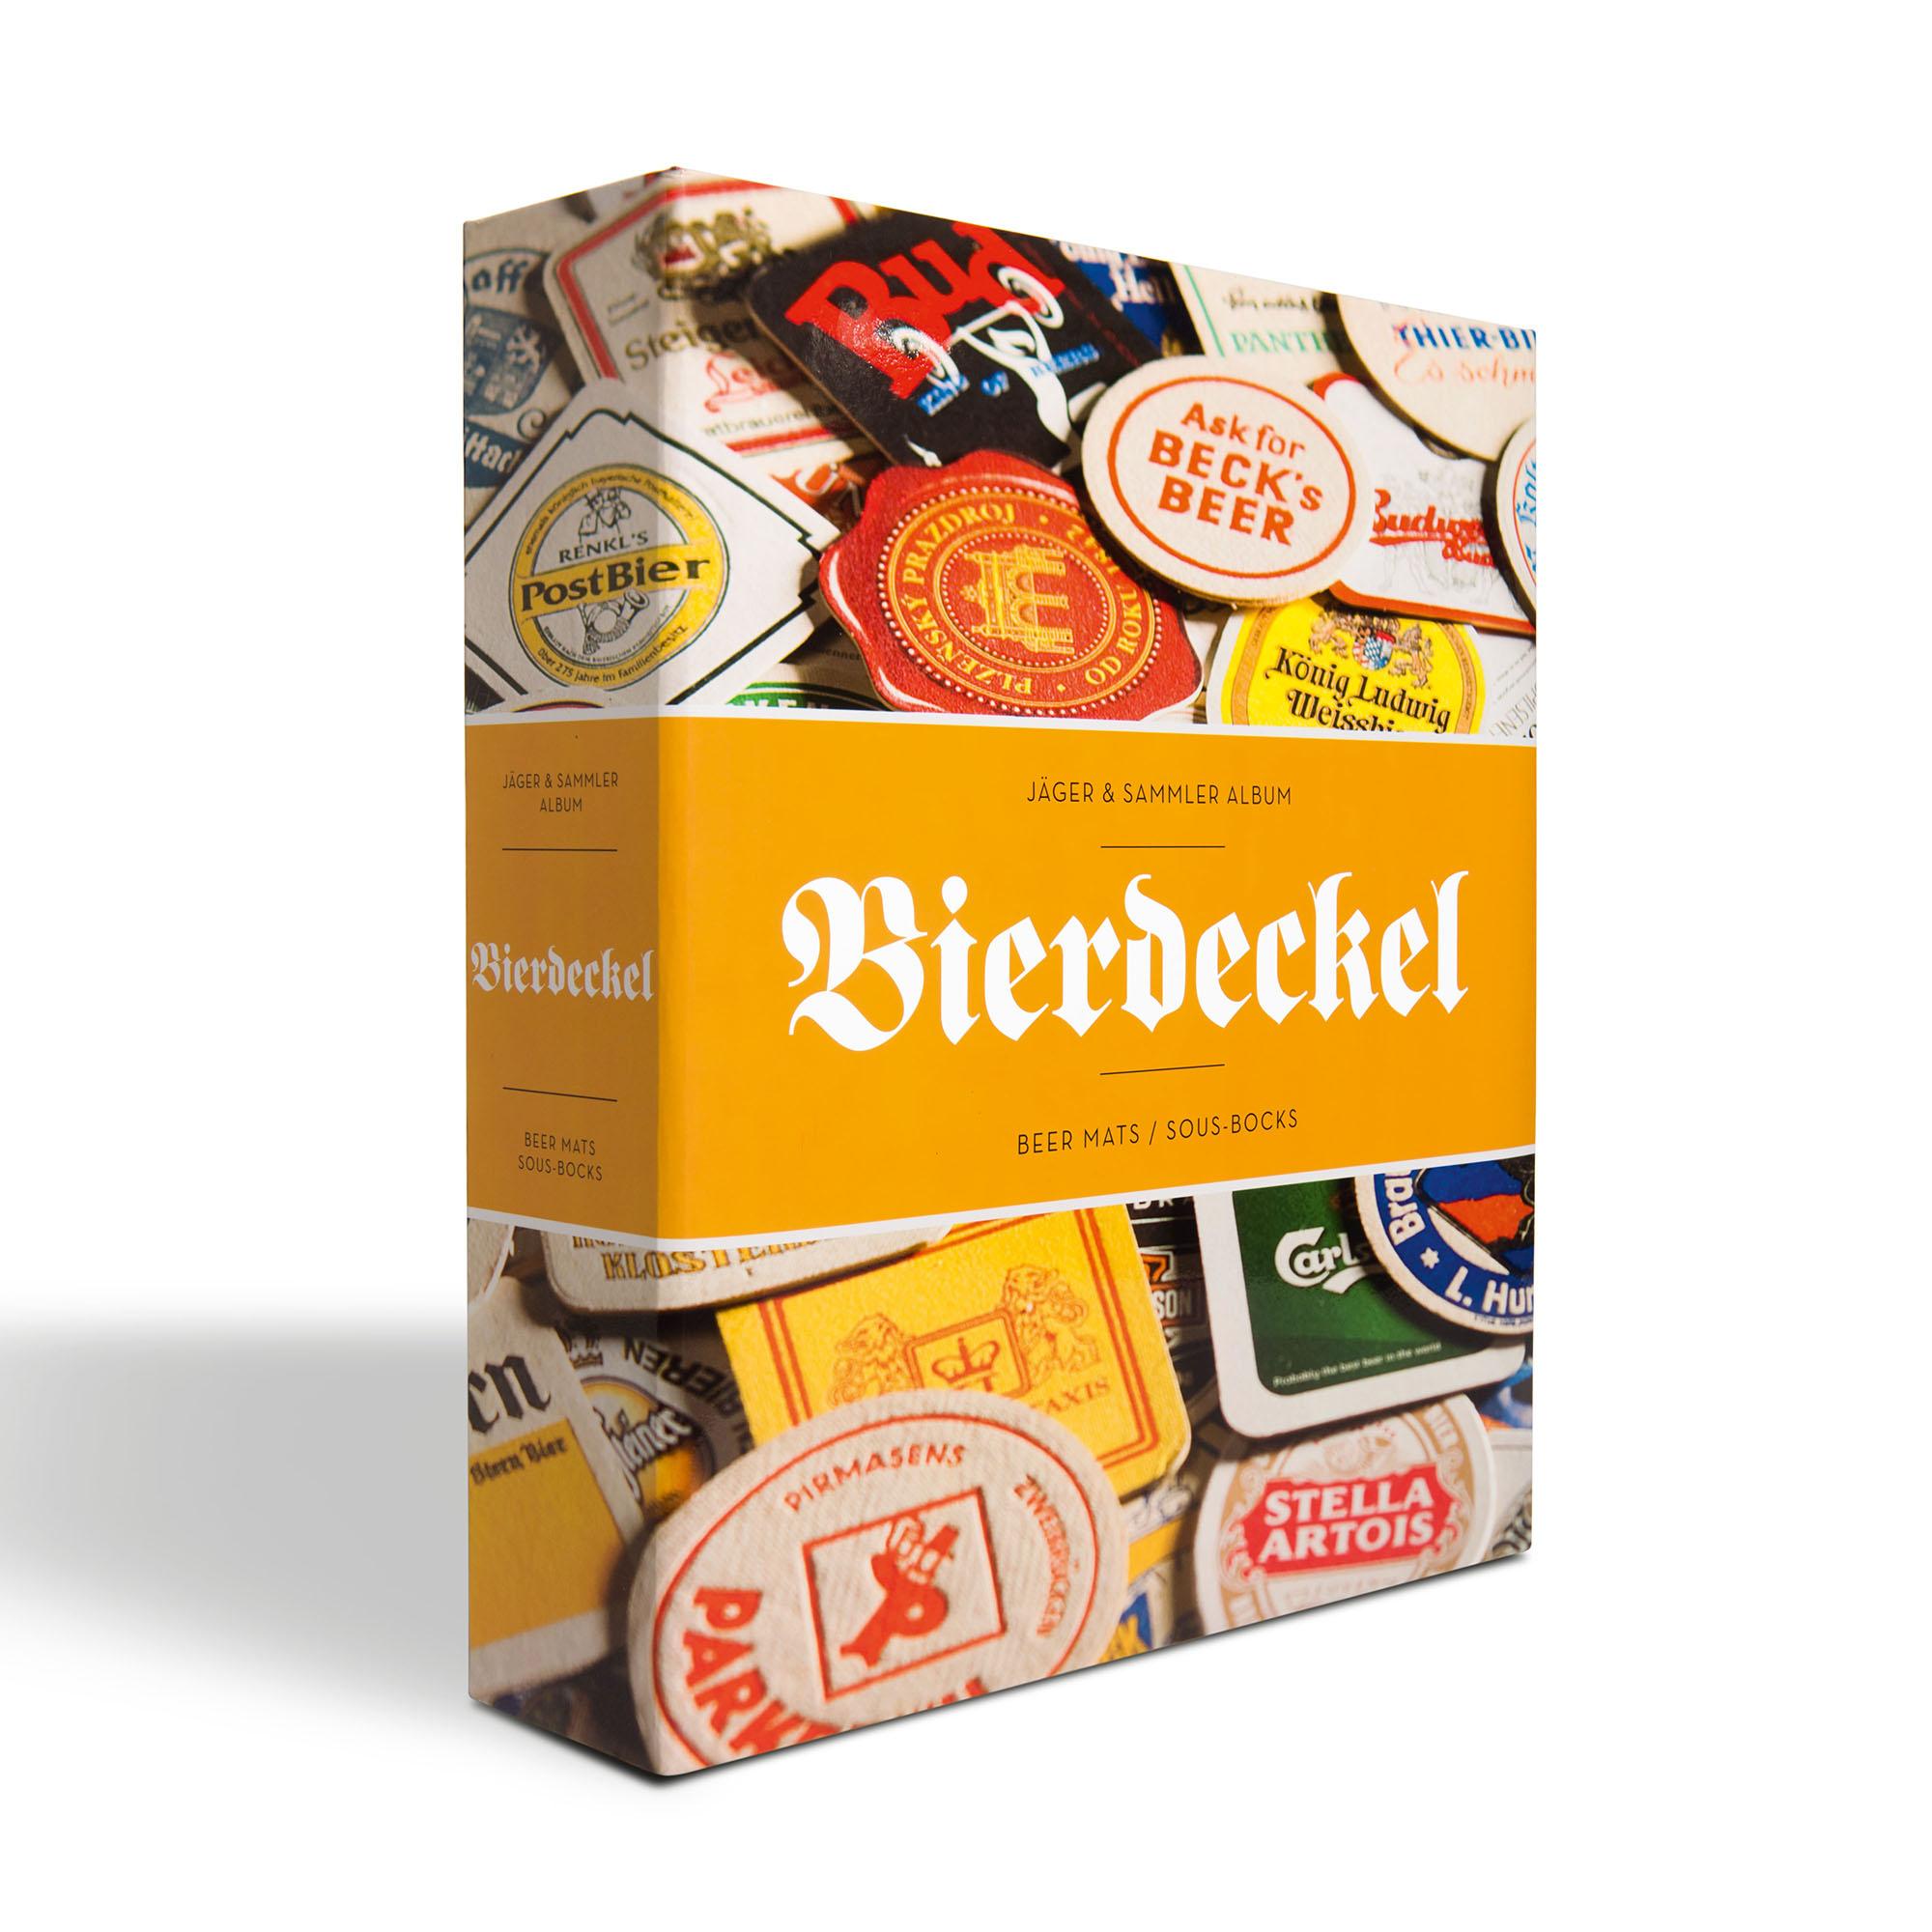 Альбом GRANDE Bierdeckel для бирдекелей (пивных подставок)